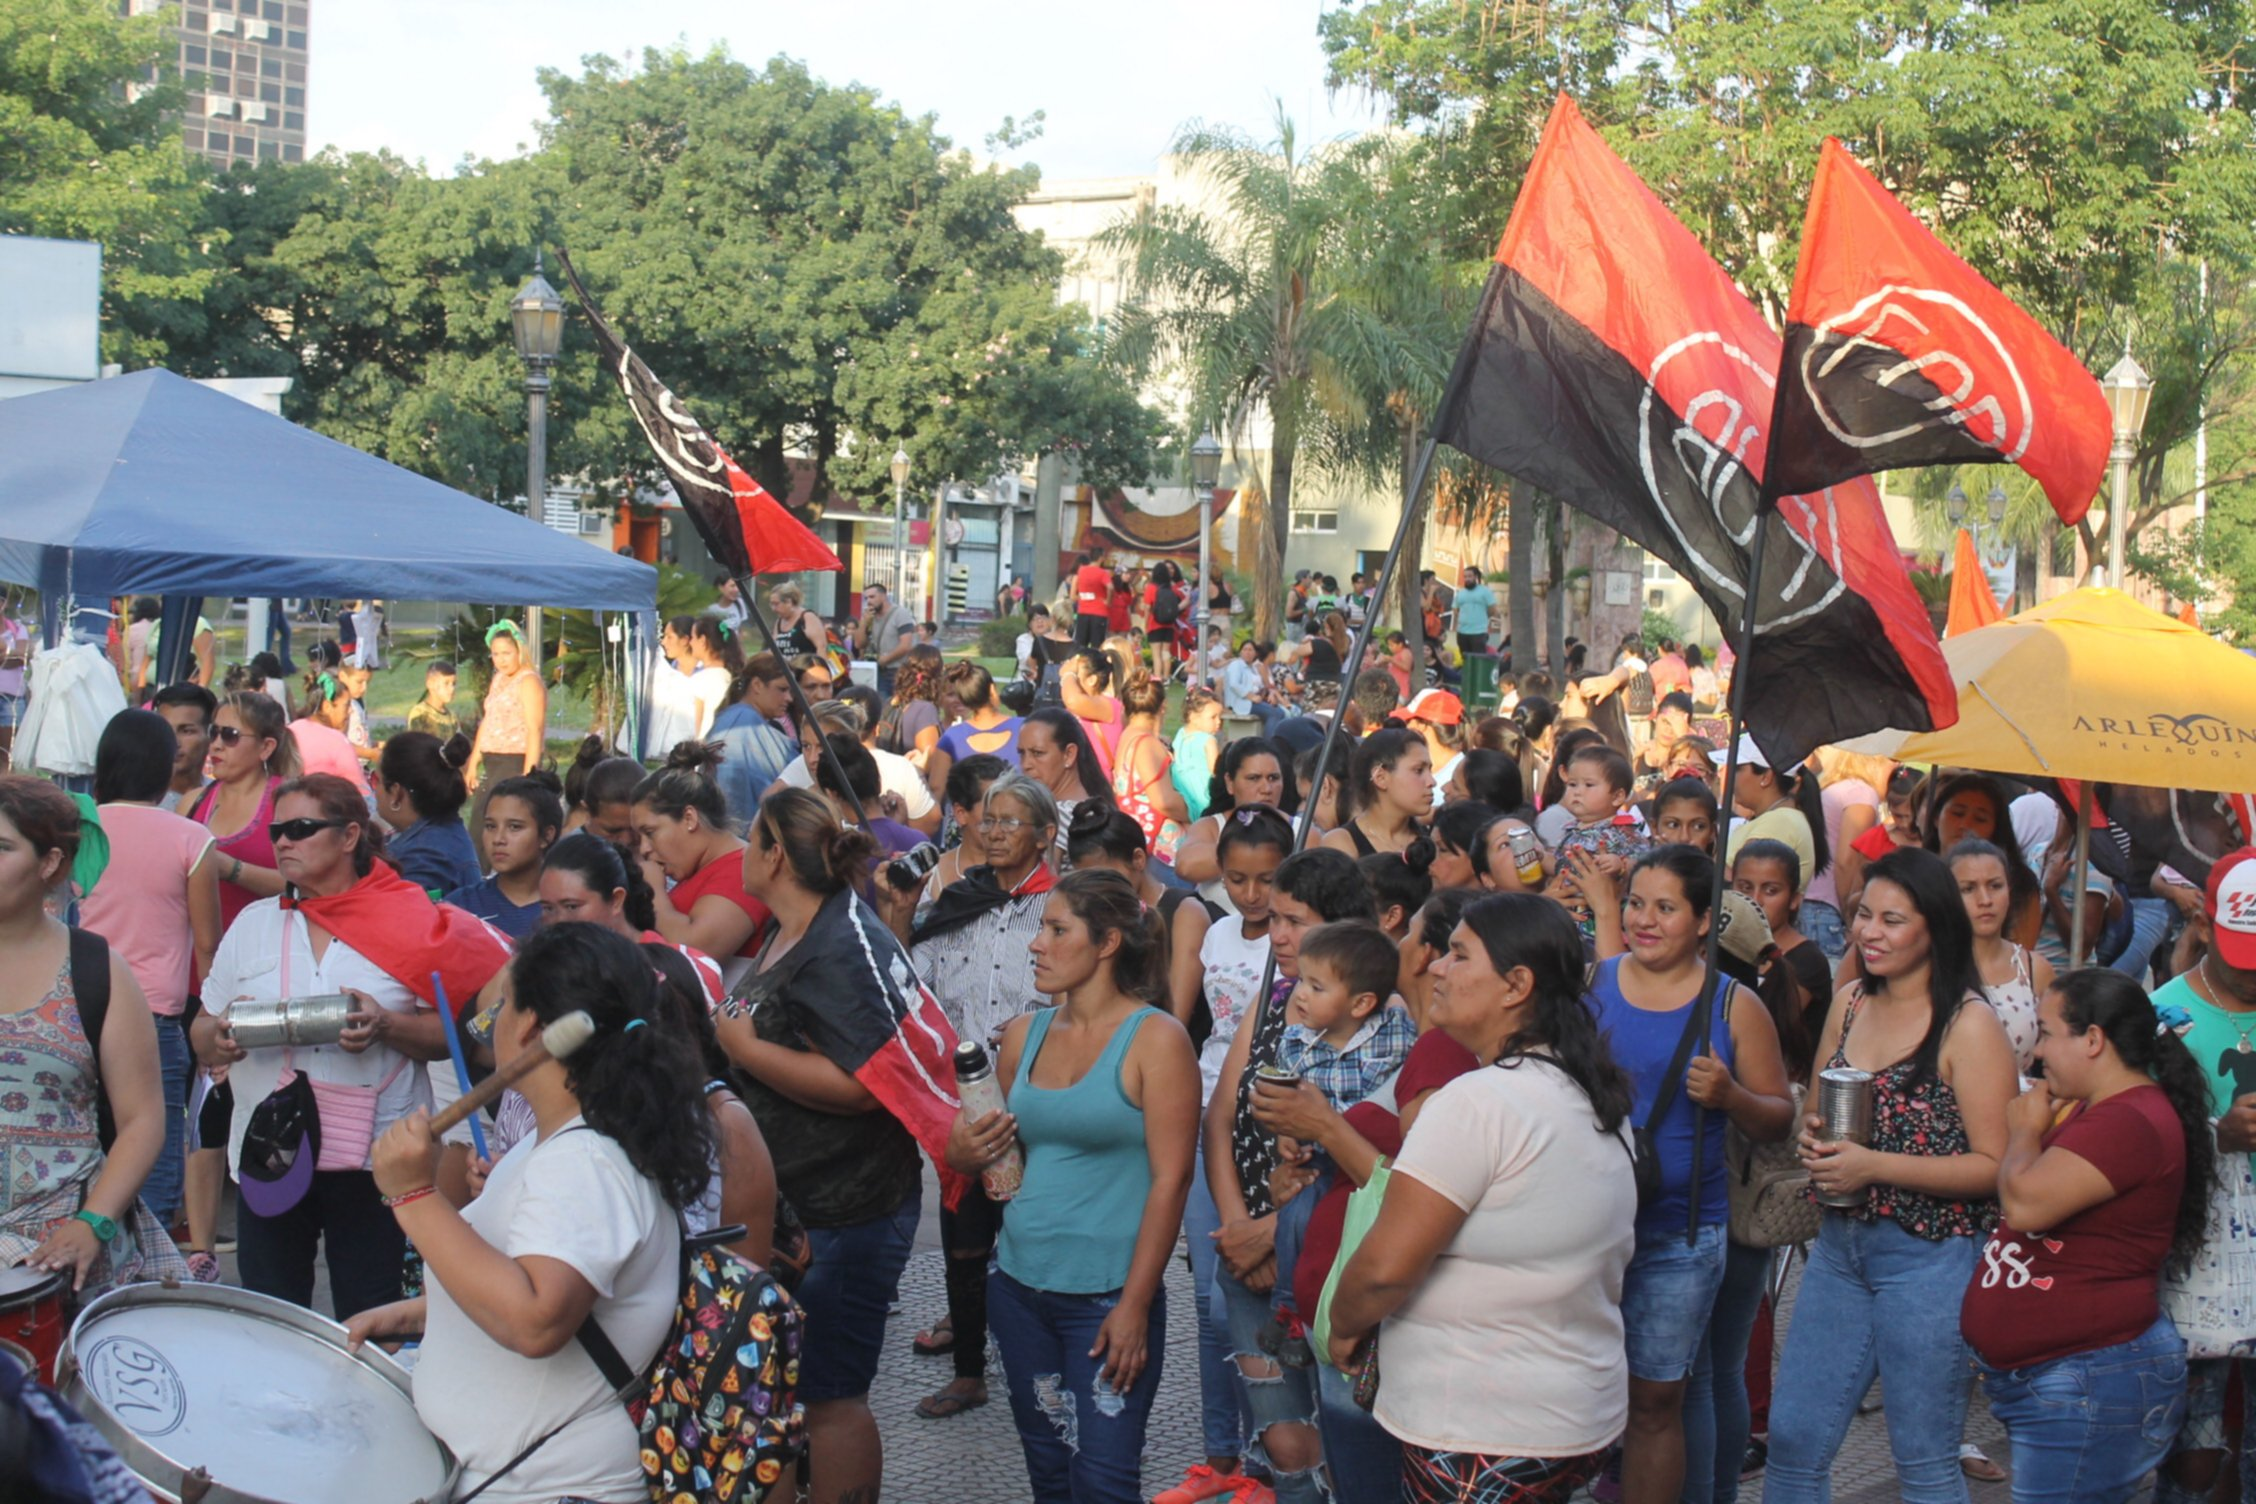 <p>Movilizaci&oacute;n. Marcharon hacia el Tribunal N&deg; 1 donde liberaron al acusado de femicidio de Tamara Salazar.&nbsp;</p>